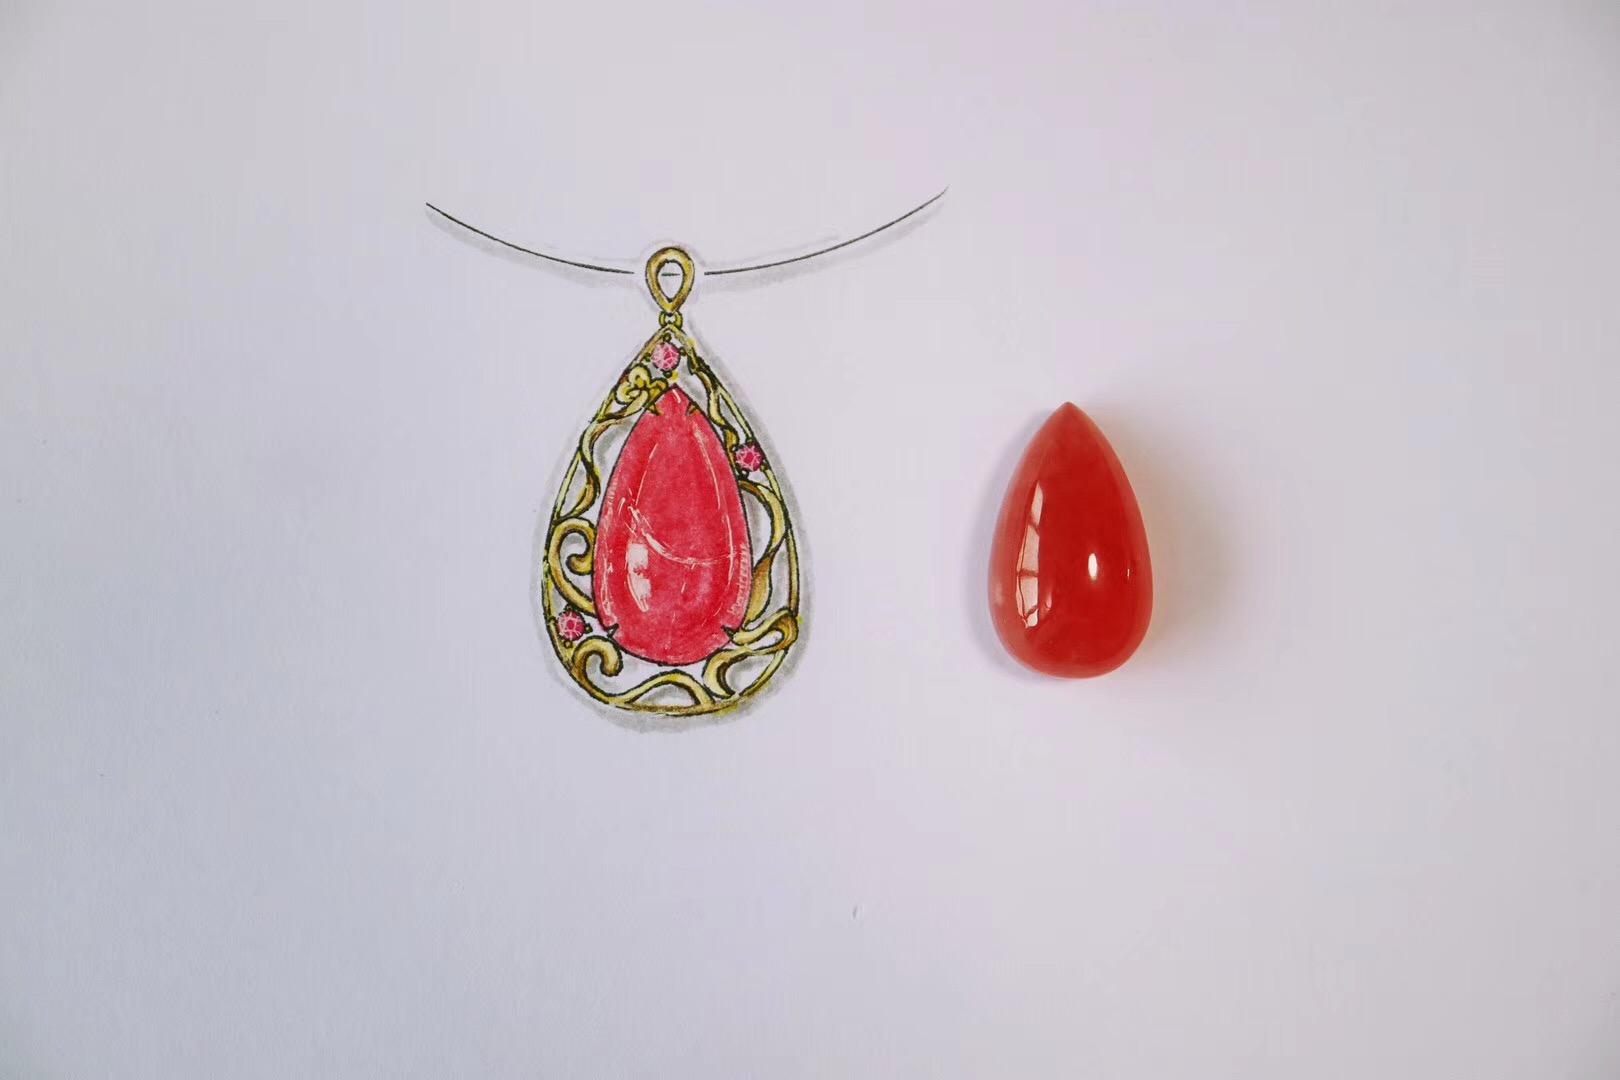 【菩心-红纹石】戴着美美红纹石-菩心晶舍